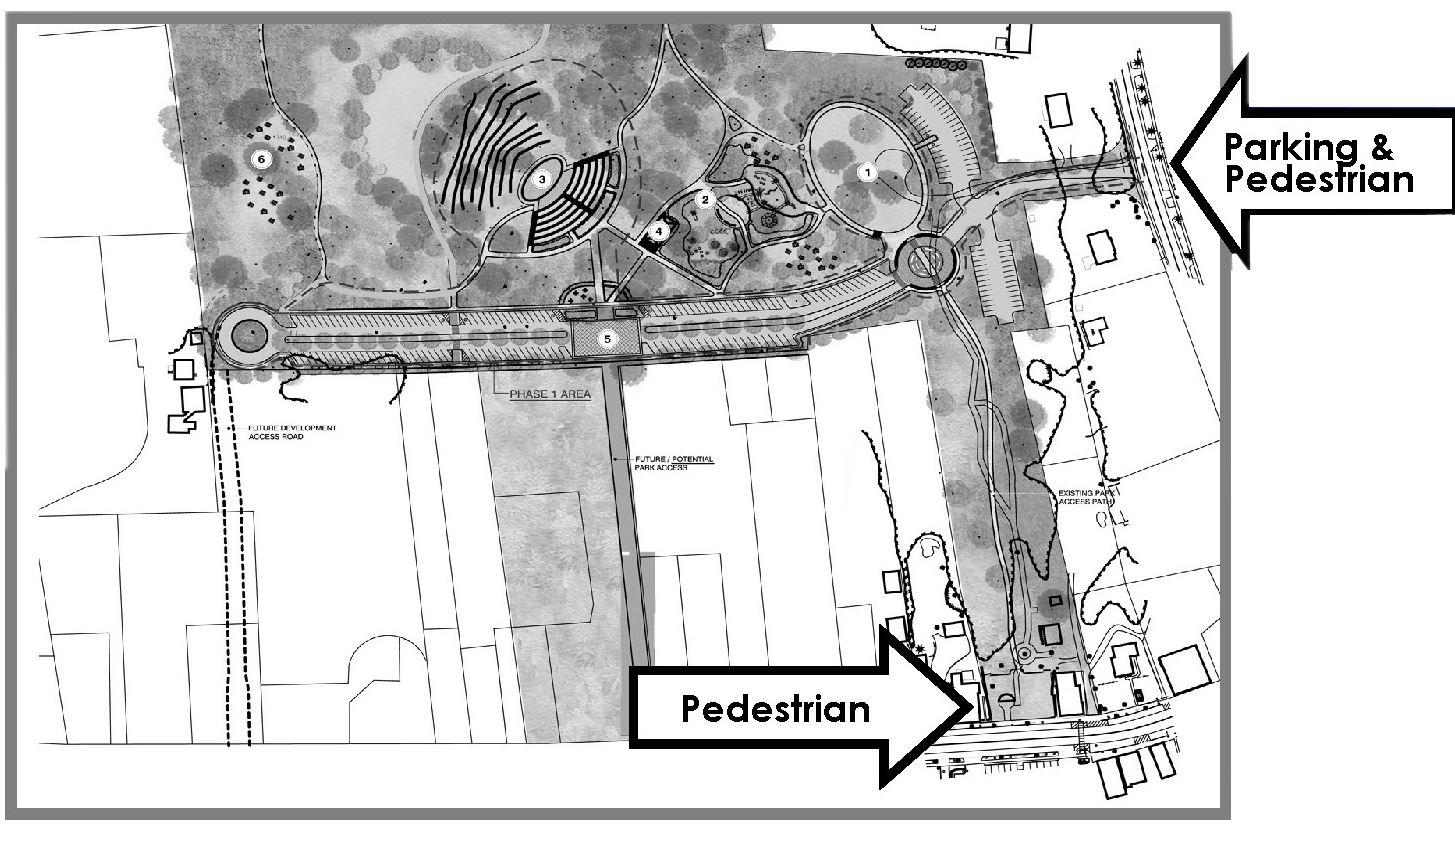 _Summer brochure-good-ground-park-pedestrian map